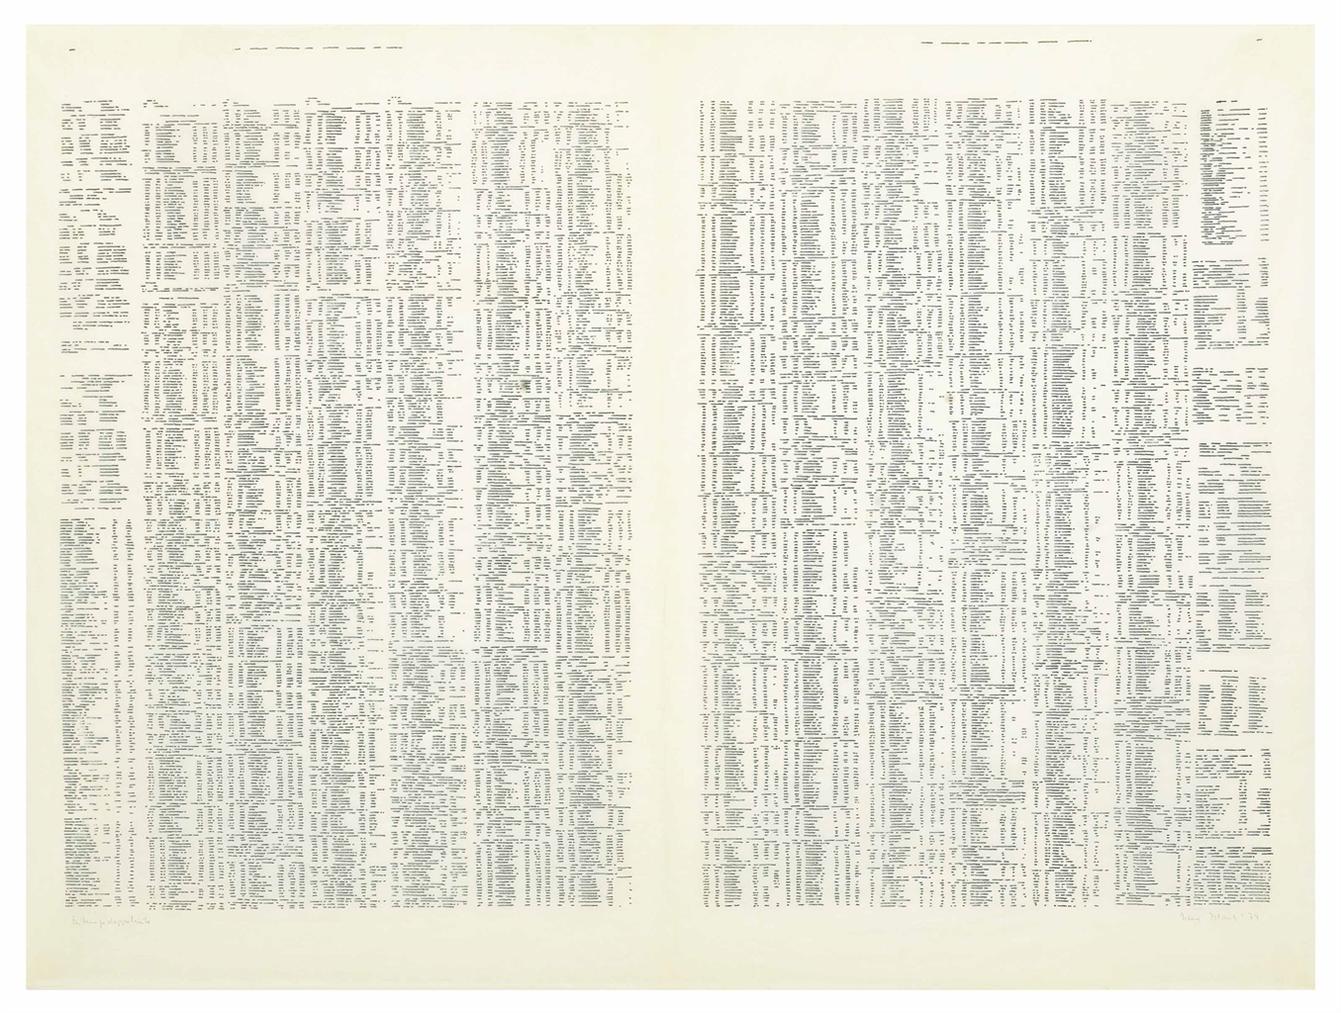 Irma Blank-Trascriziona, Zeitungsdoppelseite-1974